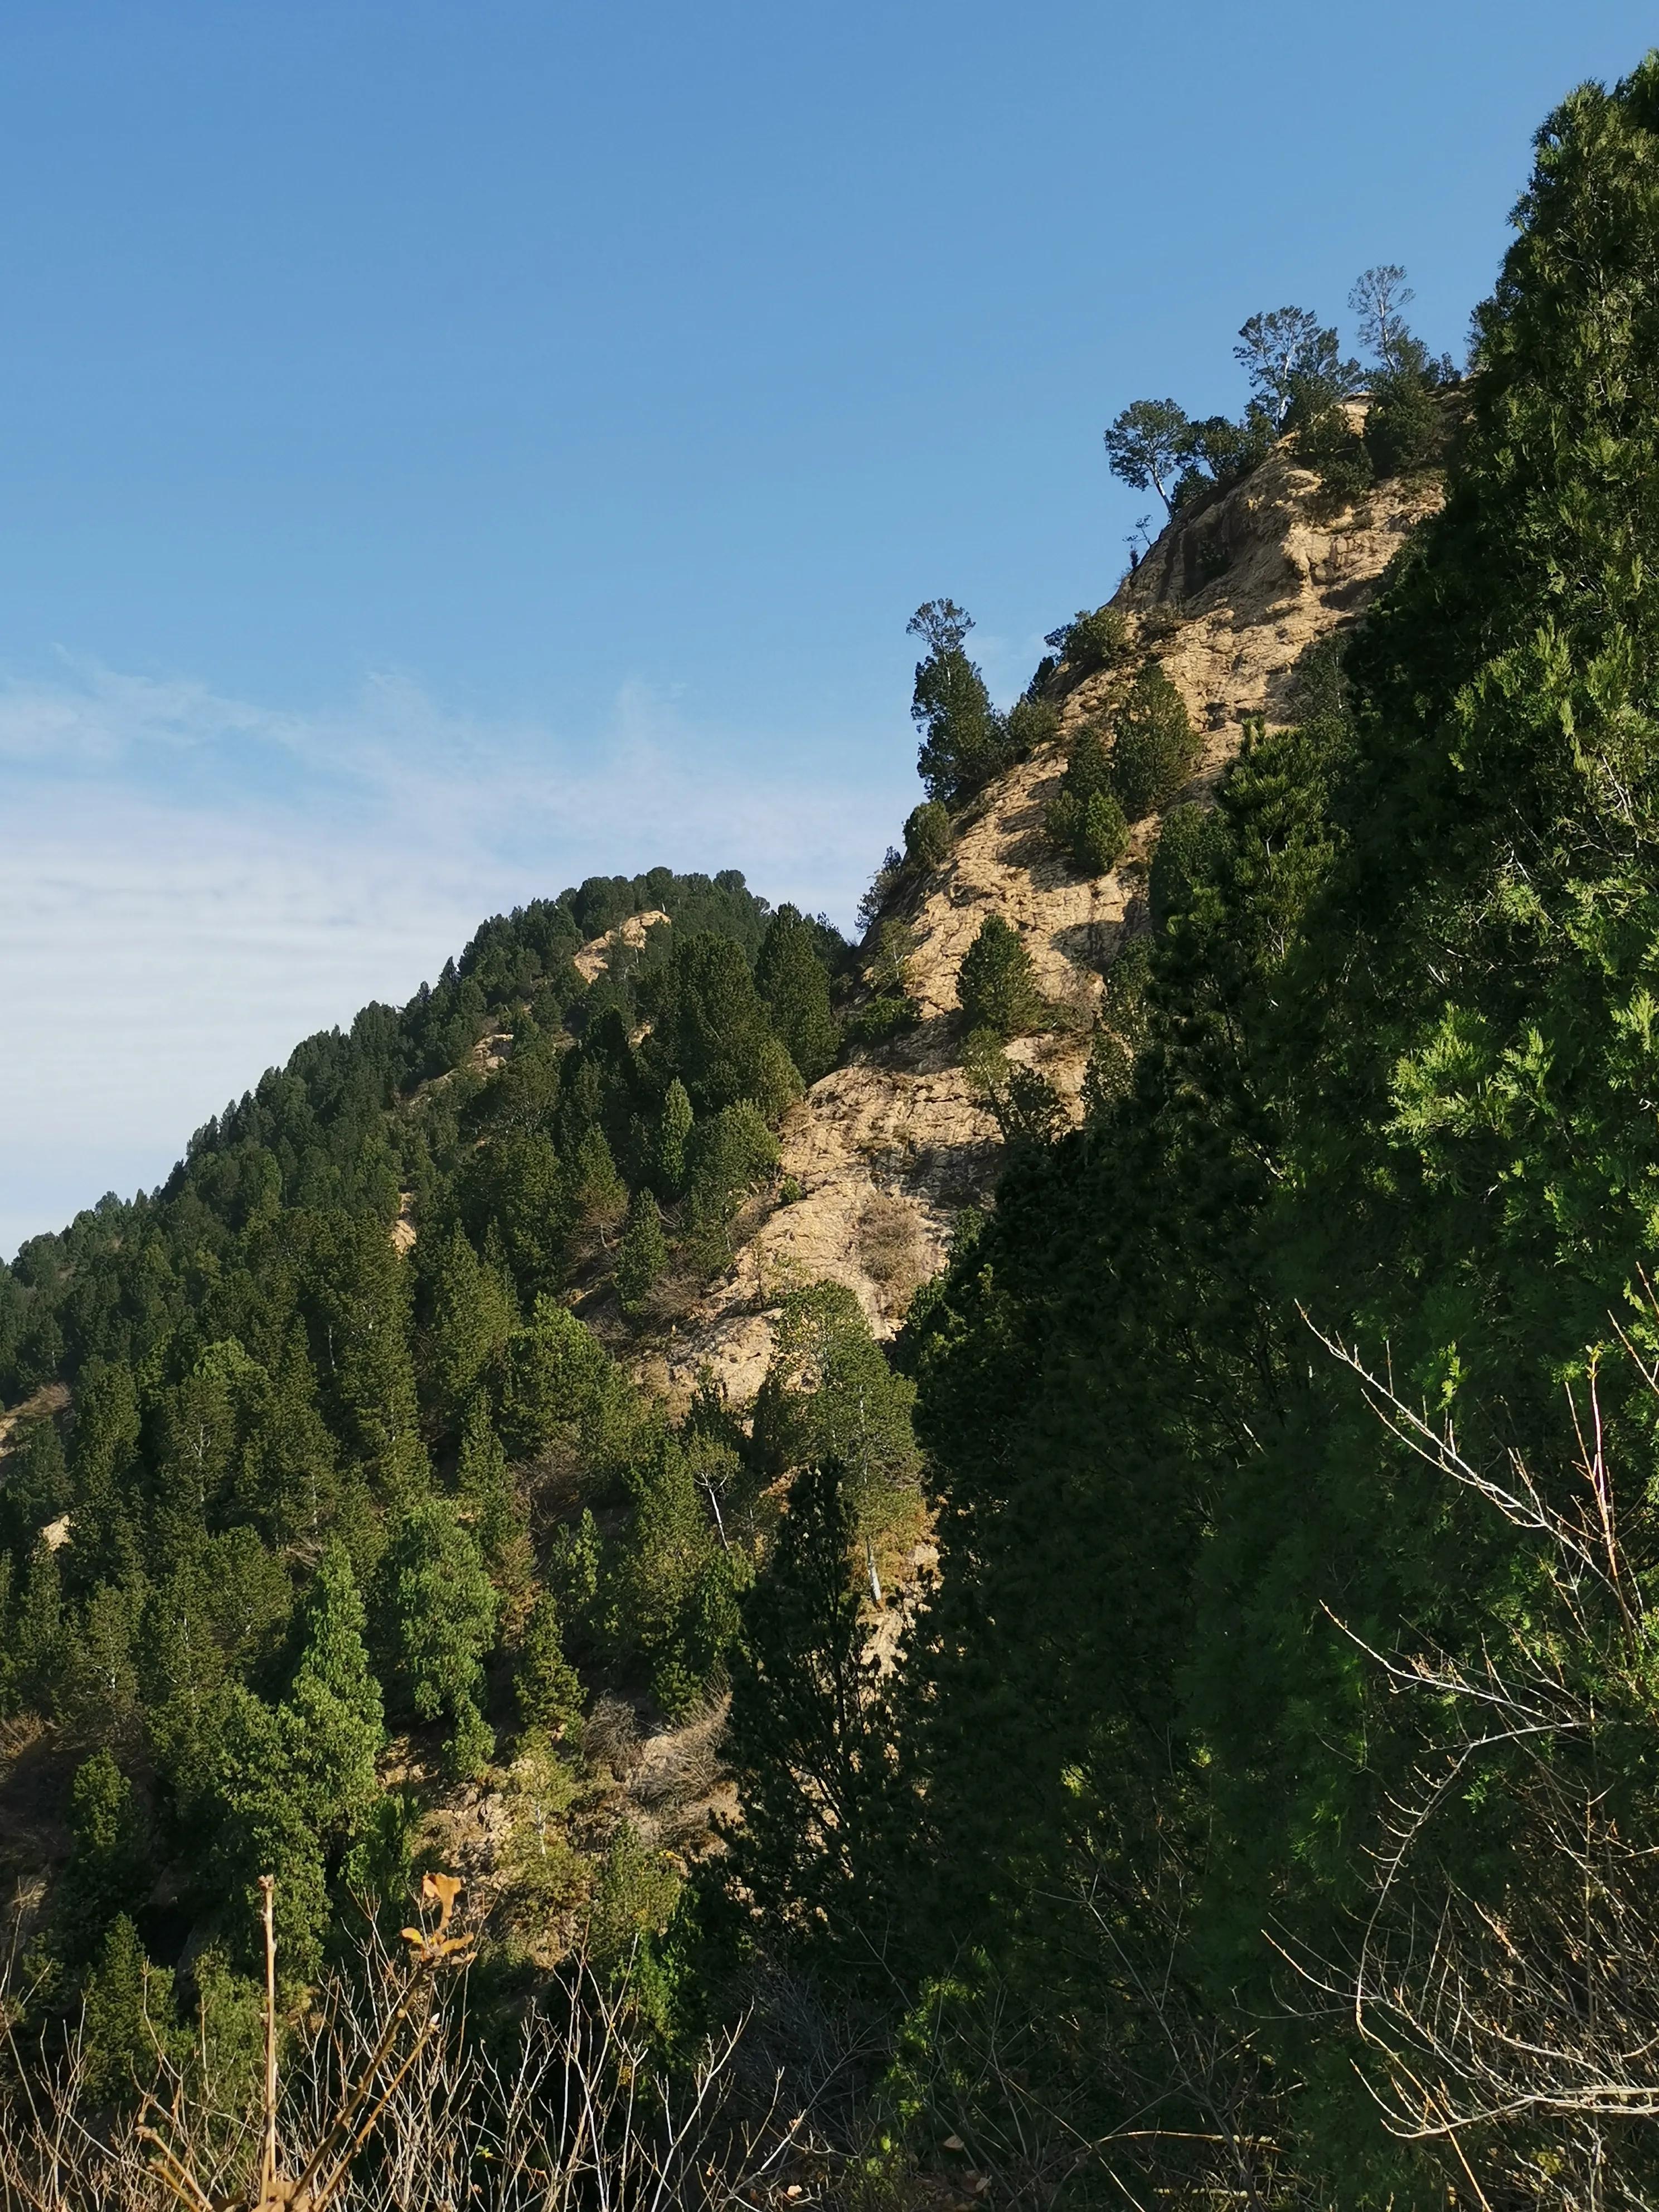 壁立千仞,秀峰对峙,秀险可比华山的渭南临渭区石鼓山,大美!